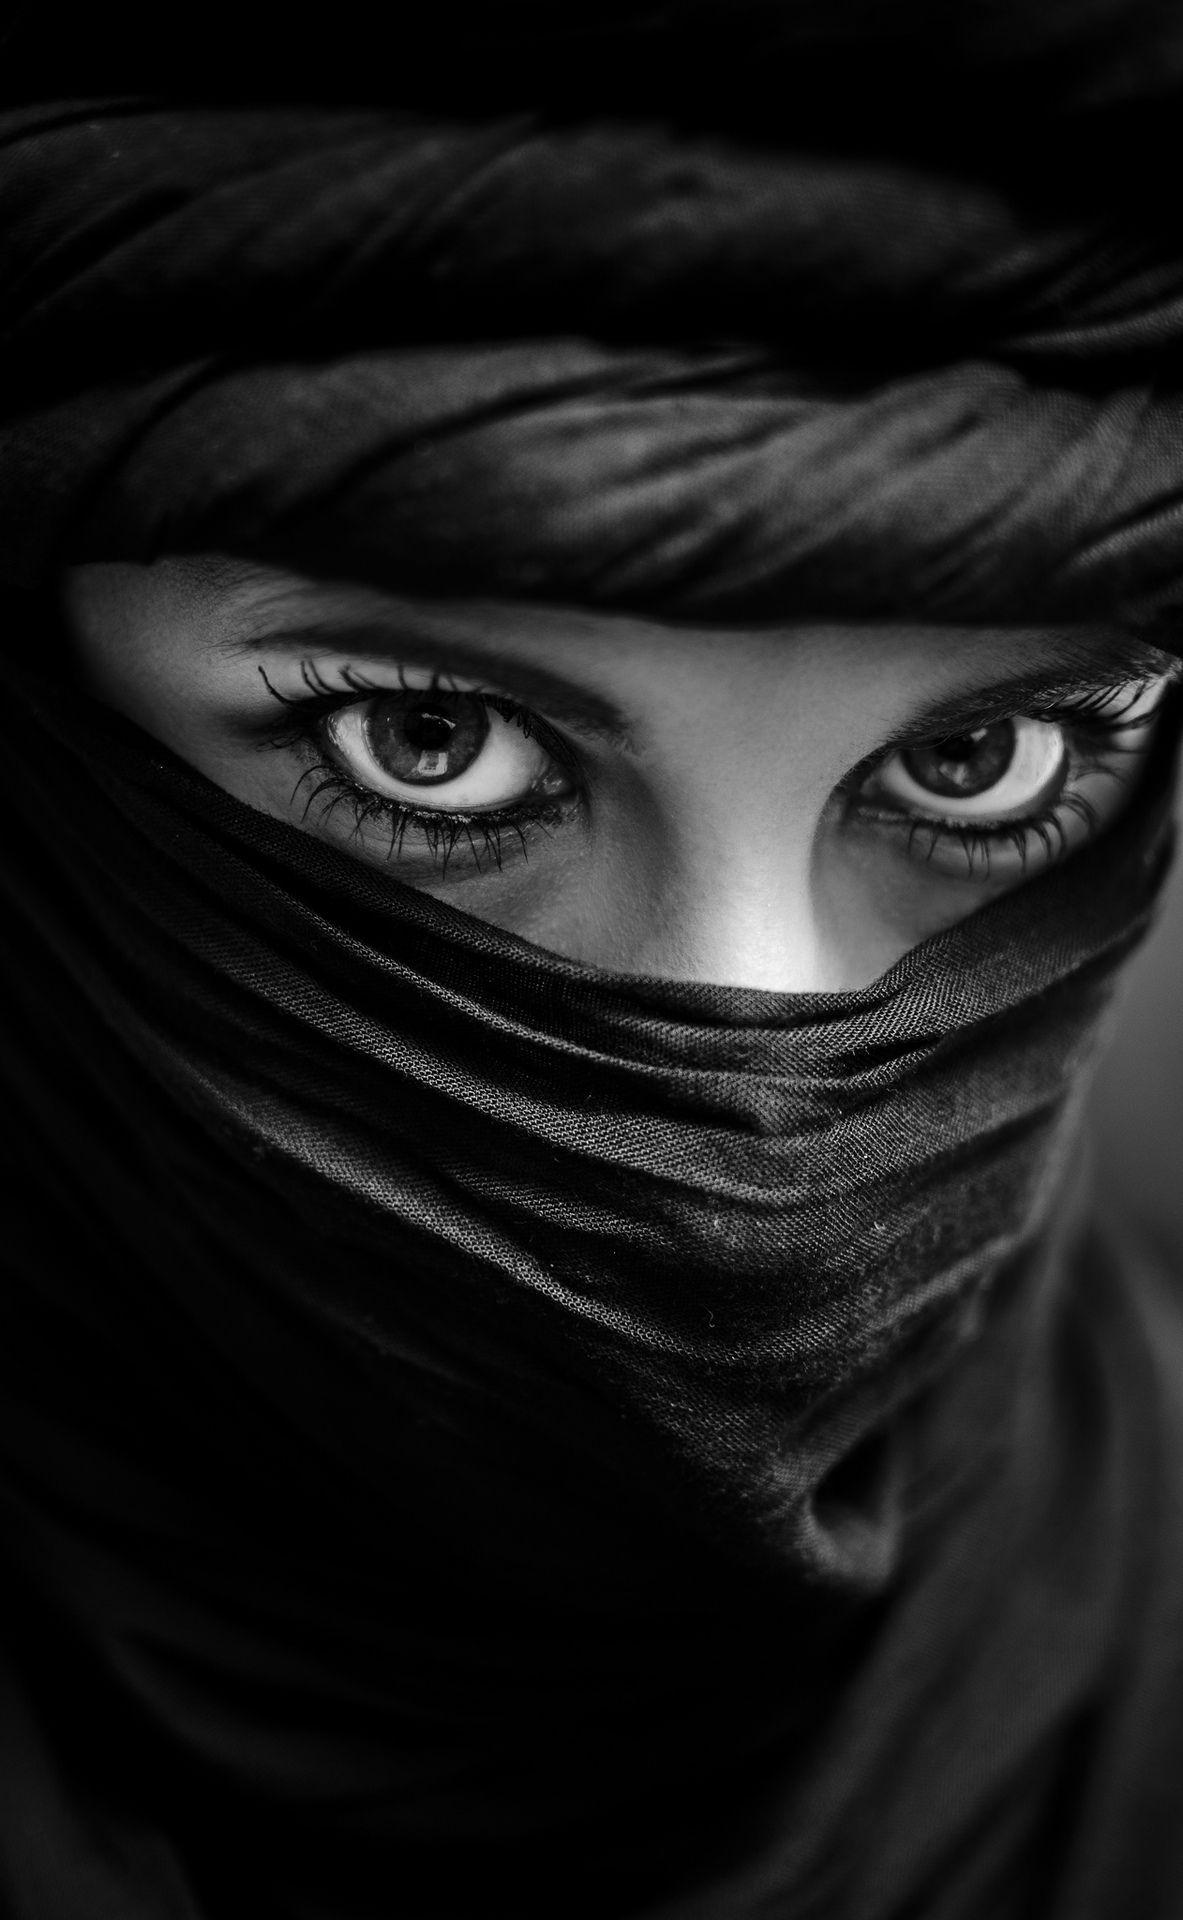 Eyes Moroco Culture Ojos Rostros Blanco Y Negro